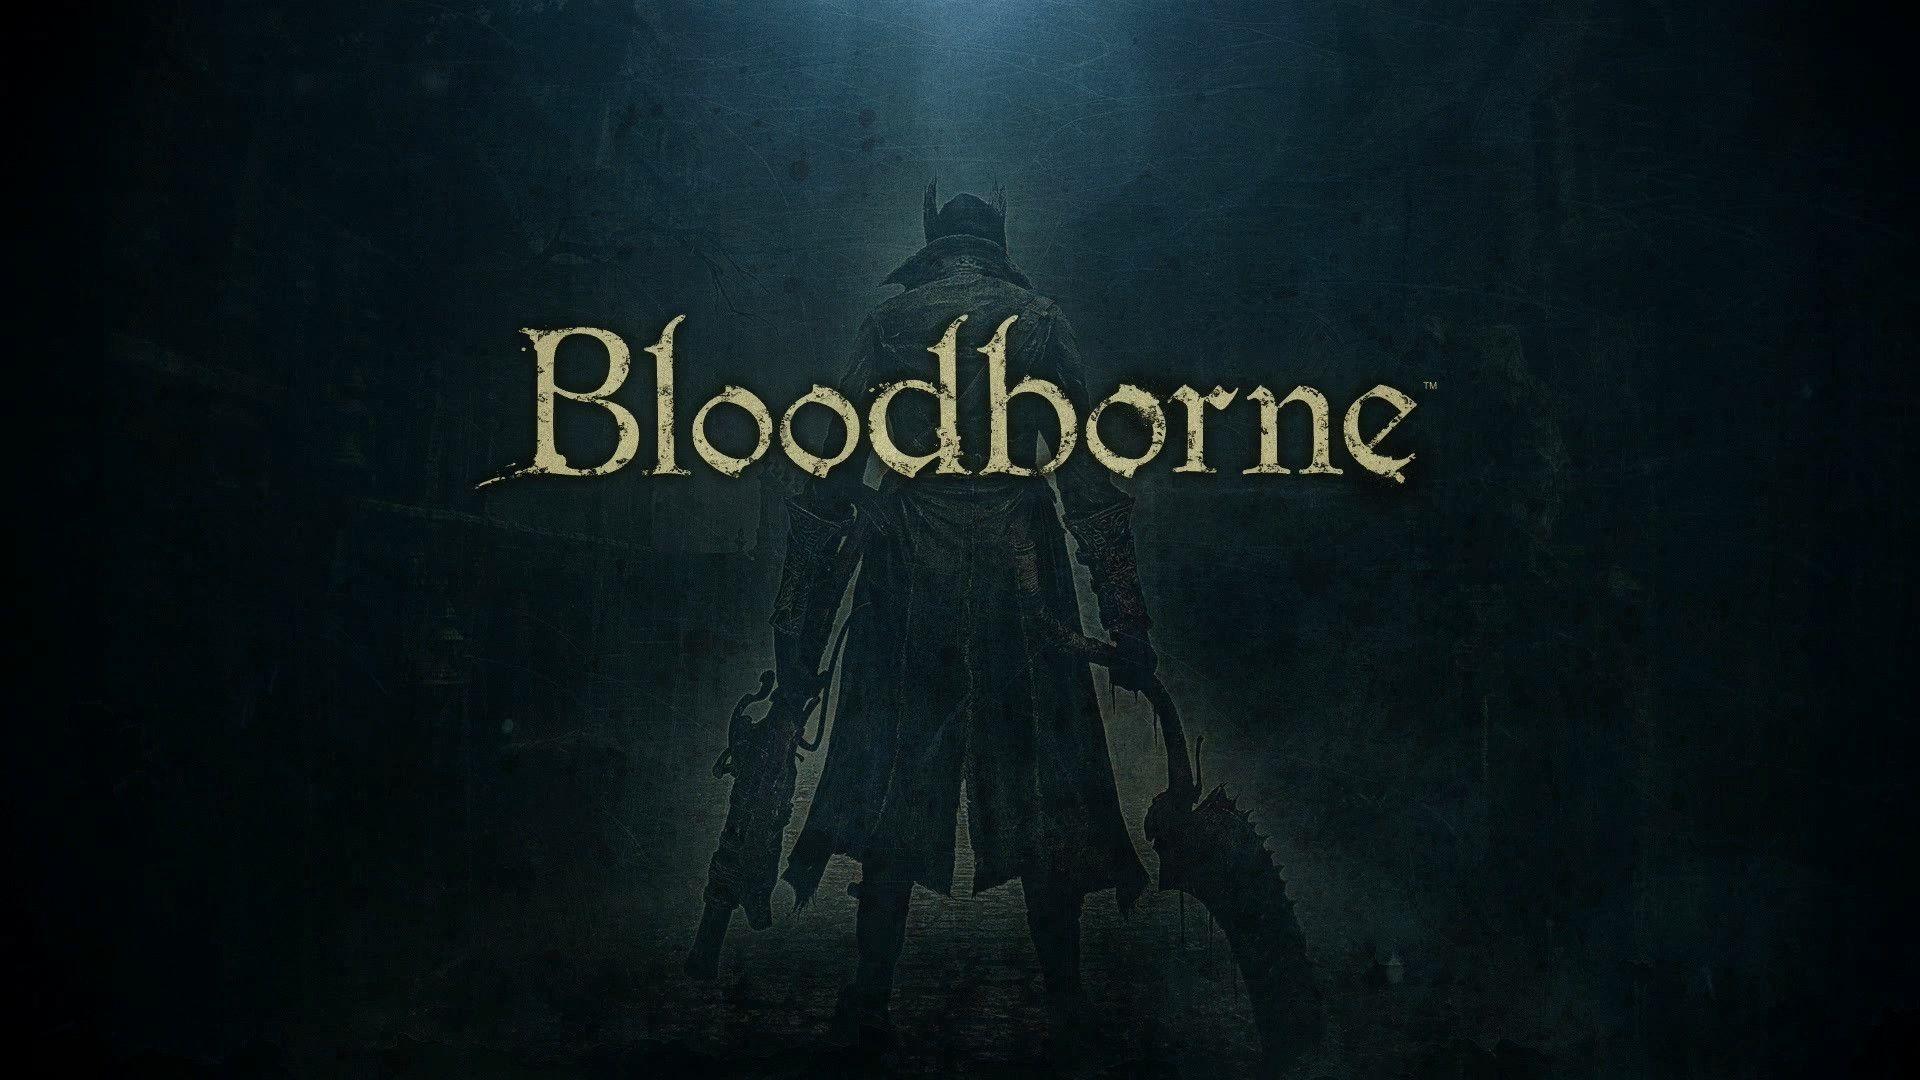 Bloodborne 4k Wallpapers Http Www Wallpapersvenue Com Bloodborne 4k Wallpapers Bloodborne Background Hd Wallpaper Hd Wallpaper